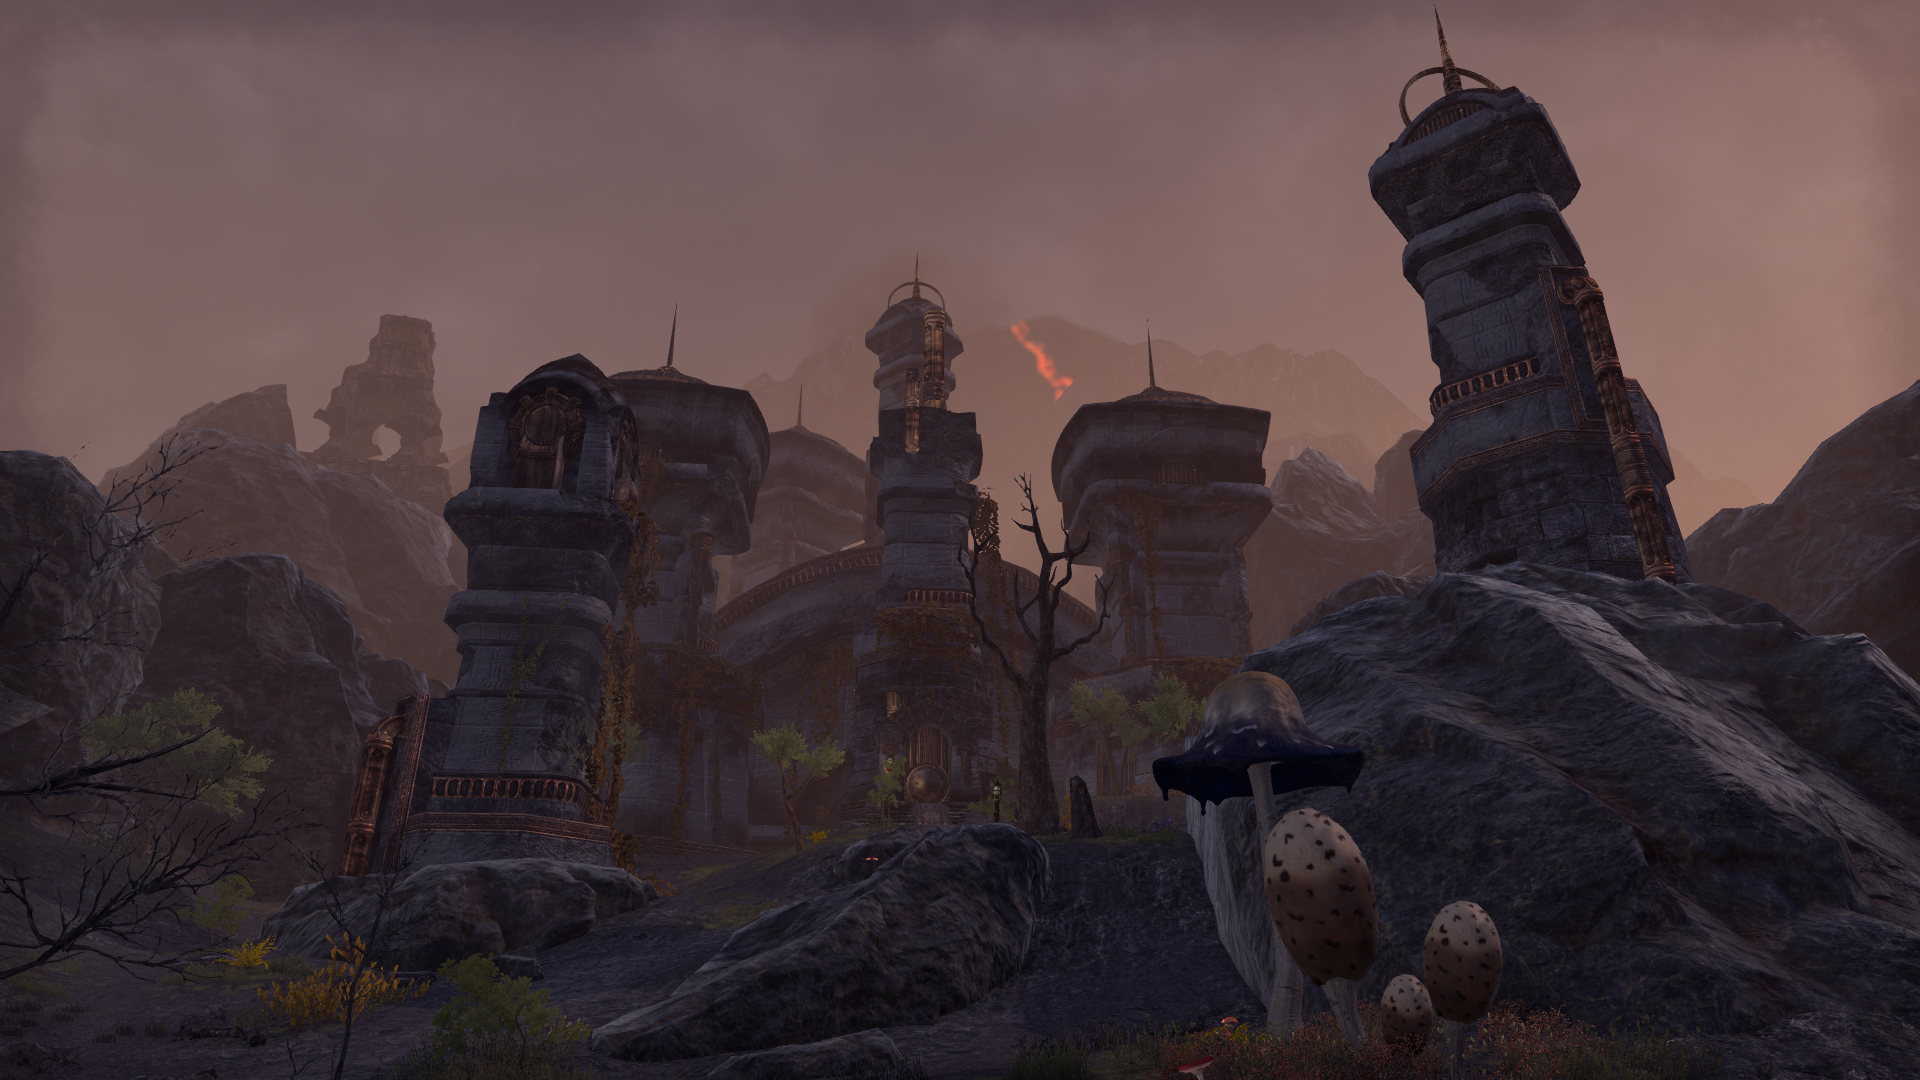 Бтуанд (Online: Morrowind)